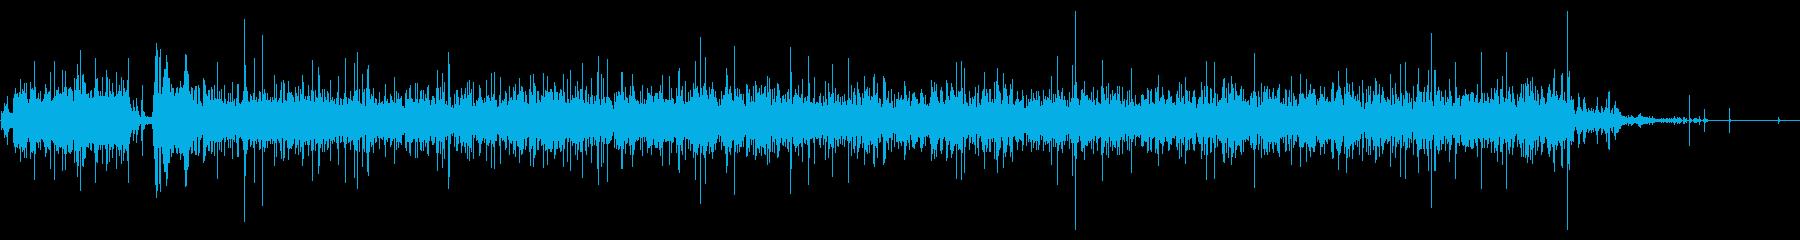 ウォーターラン、シャワーオン、ラン...の再生済みの波形